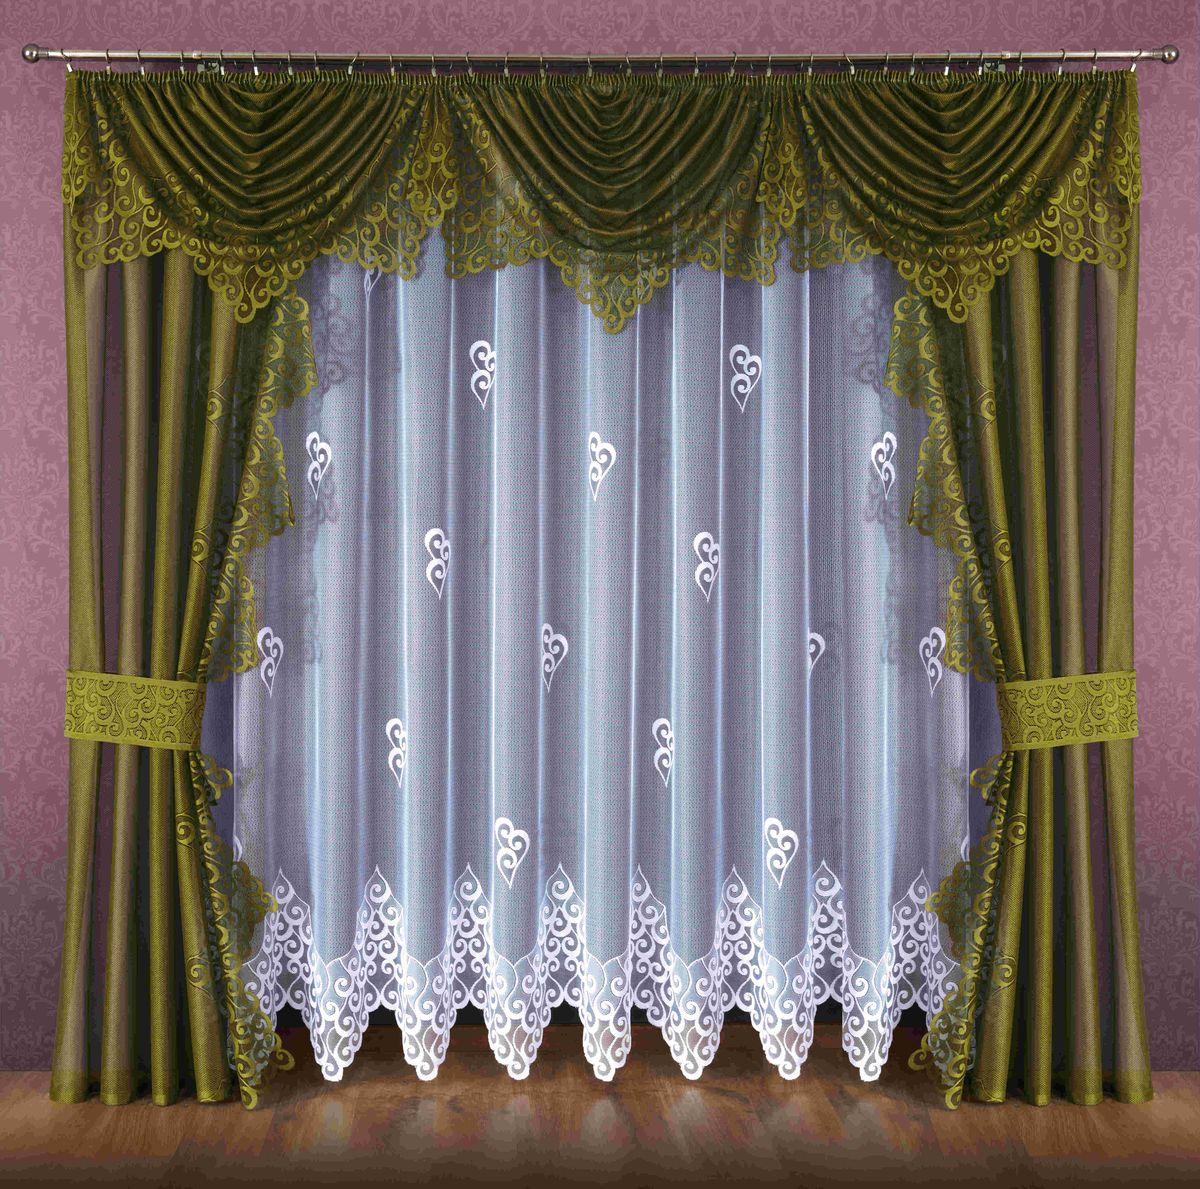 Комплект штор Wisan Ludmila, на ленте, цвет: белый, оливковый, высота 250 см089WКомплект штор Wisan Ludmila выполненный из полиэстера, великолепно украсит любое окно. В комплект входят 2 шторы, тюль, ламбрекен и 2 подхвата. Кружевной орнамент придает комплекту особый стиль и шарм. Тонкое плетение, нежная цветовая гамма и роскошное исполнение - все это делает шторы Wisan Ludmila замечательным дополнением интерьера помещения. Комплект оснащен шторной лентой для красивой сборки. В комплект входит: Штора - 2 шт. Размер (ШхВ): 140 см х 250 см. Тюль - 1 шт. Размер (ШхВ): 400 см х 250 см. Ламбрекен - 1 шт. Размер (ШхВ): 440 см х 135 см. Подхват - 2 шт. Фирма Wisan на польском рынке существует уже более пятидесяти лет и является одной из лучших польских фабрик по производству штор и тканей. Ассортимент фирмы представлен готовыми комплектами штор для гостиной, детской, кухни, а также текстилем для кухни (скатерти, салфетки, дорожки, кухонные занавески). Модельный ряд отличает оригинальный дизайн,...